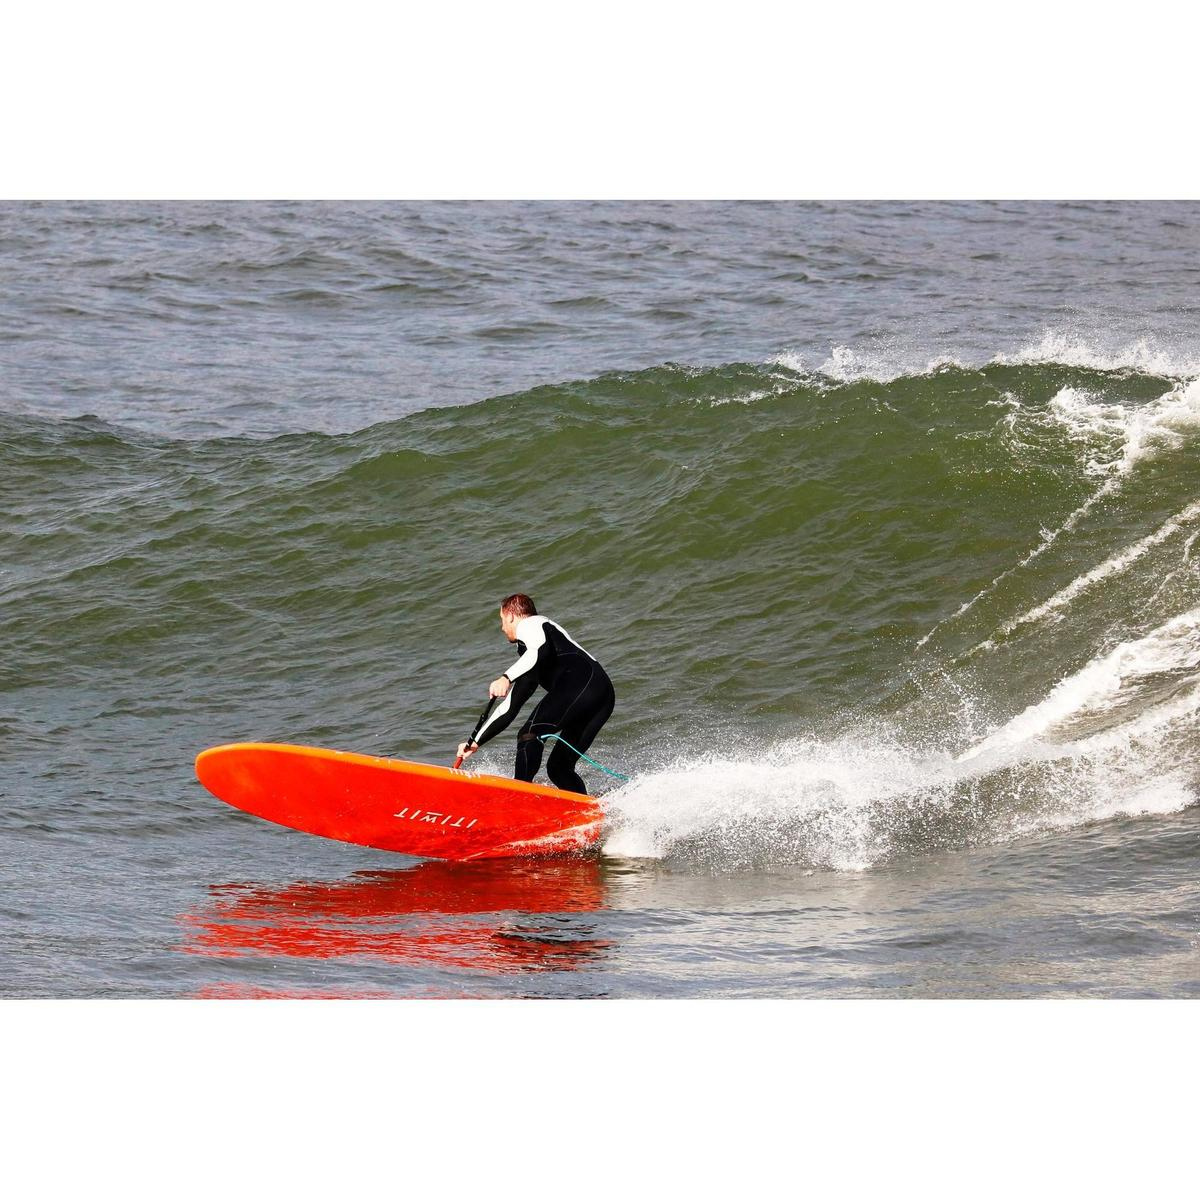 Bild 4 von SUP-Hardboard Stand Up Paddle Touring 500 / 10'2 orange 200L